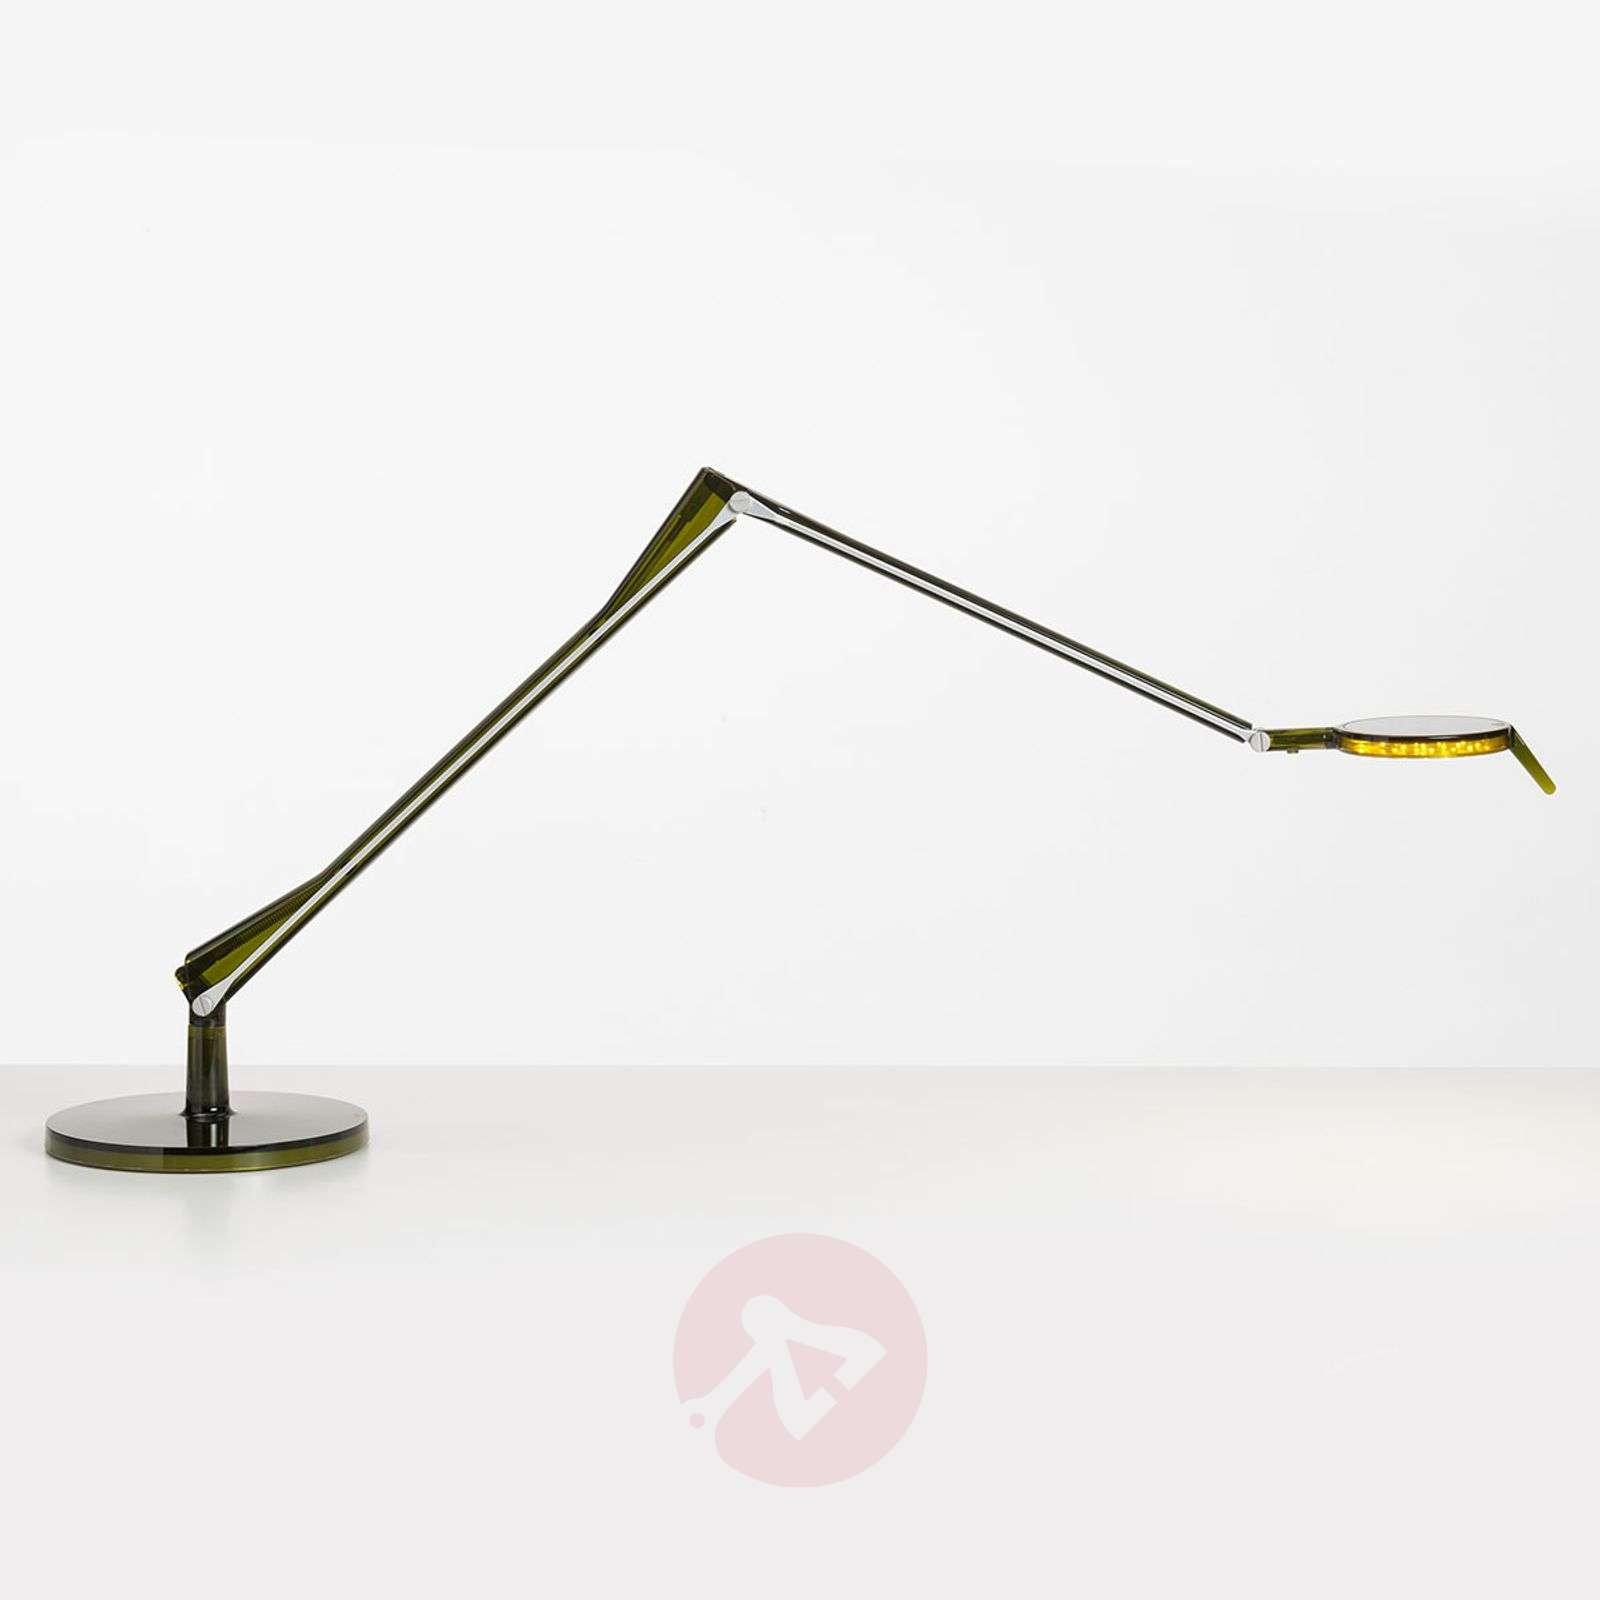 Aledin Tec – nivelletty LED-pöytävalaisin, vihreä-5541003-01